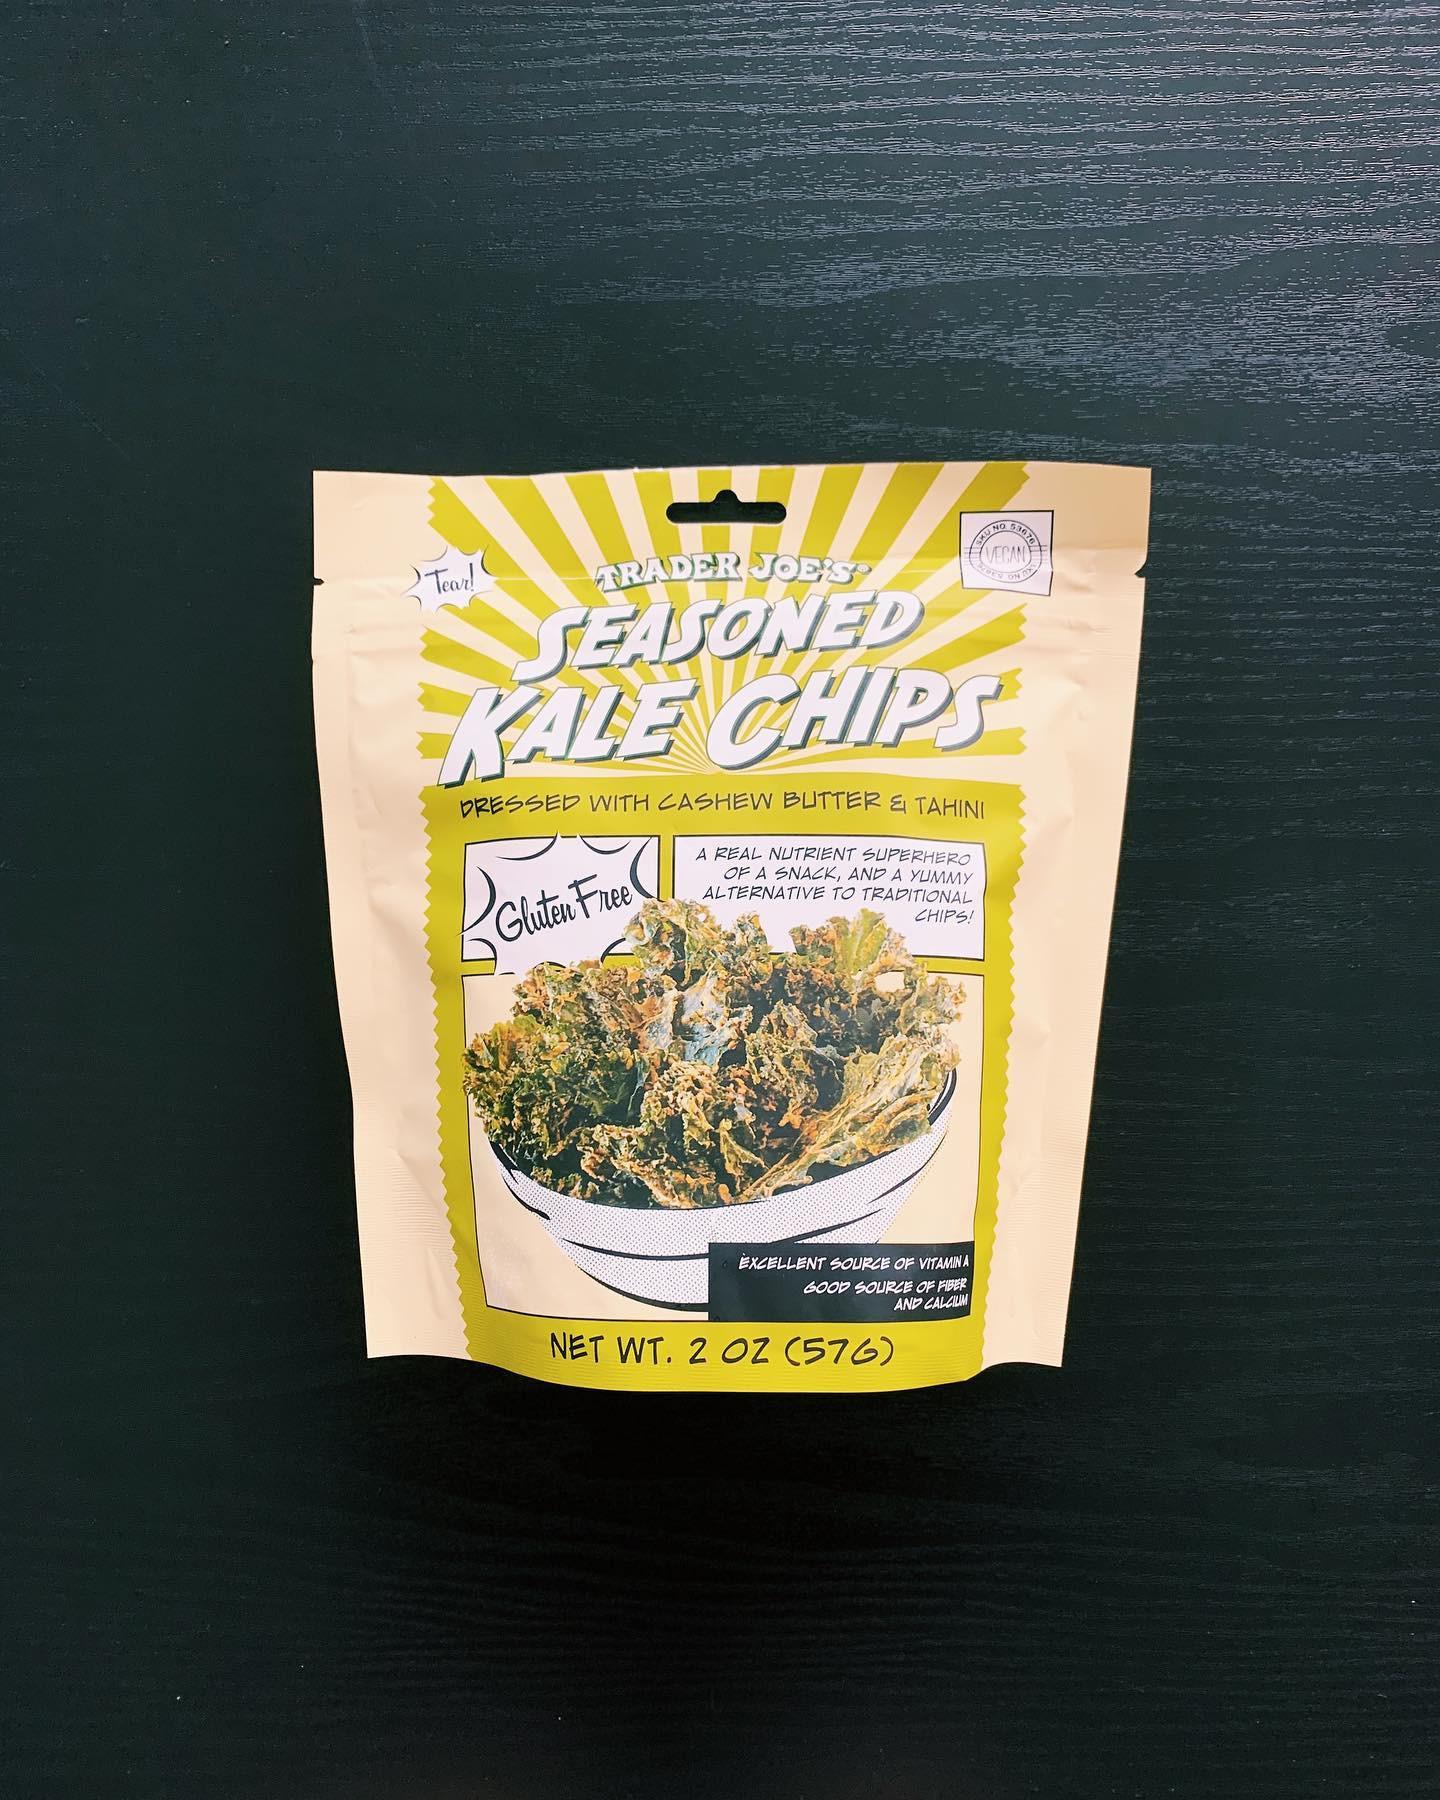 Seasoned Kale Chips: 8/10